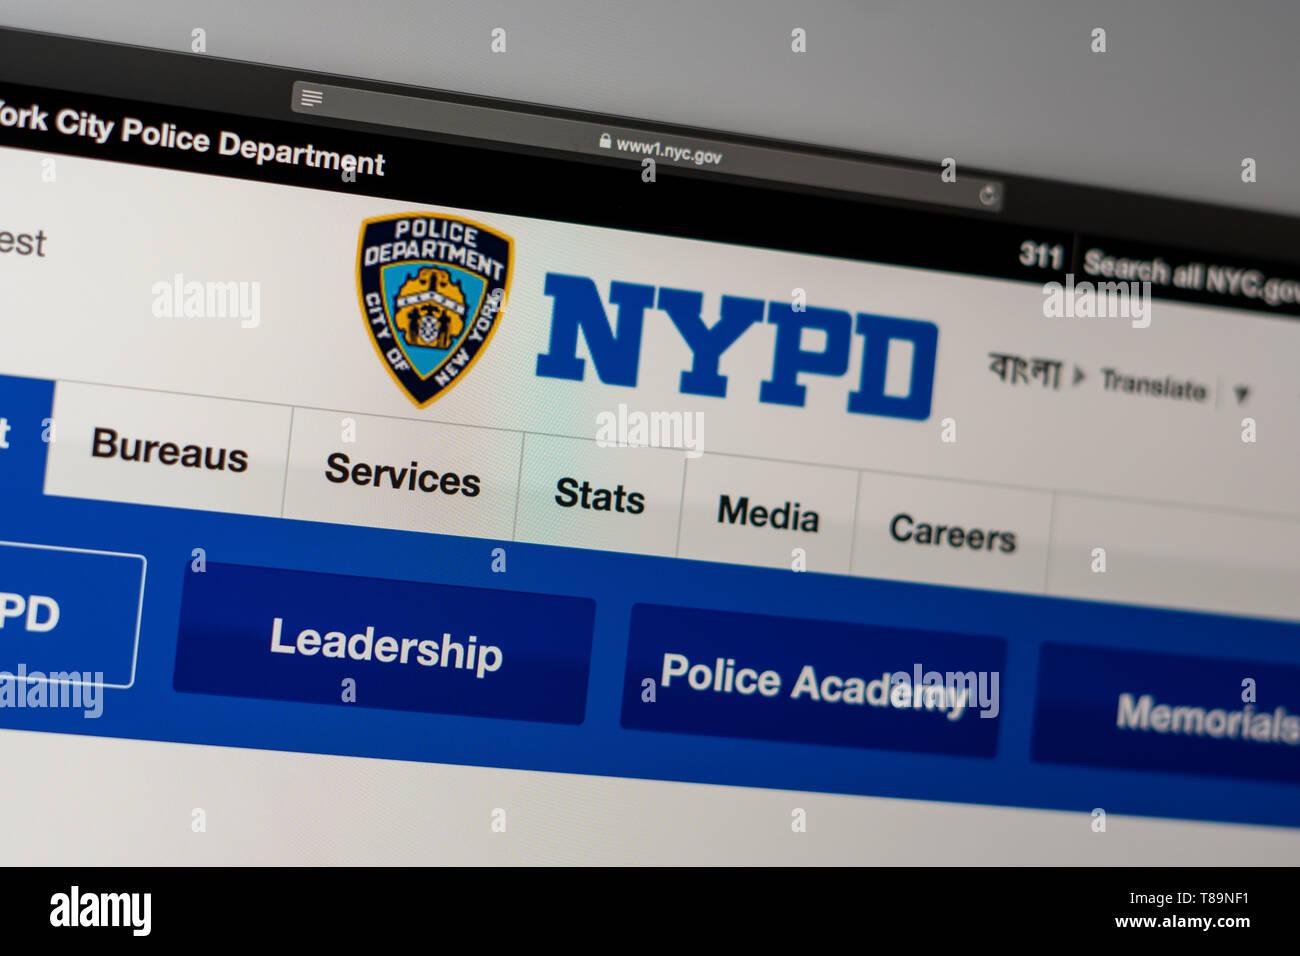 Miami / USA - 05.11.2019: New York Police Department Page d'accueil du site. Close up of logo NYPD. Peut être utilisé comme illustration pour les médias ou autres webs Photo Stock